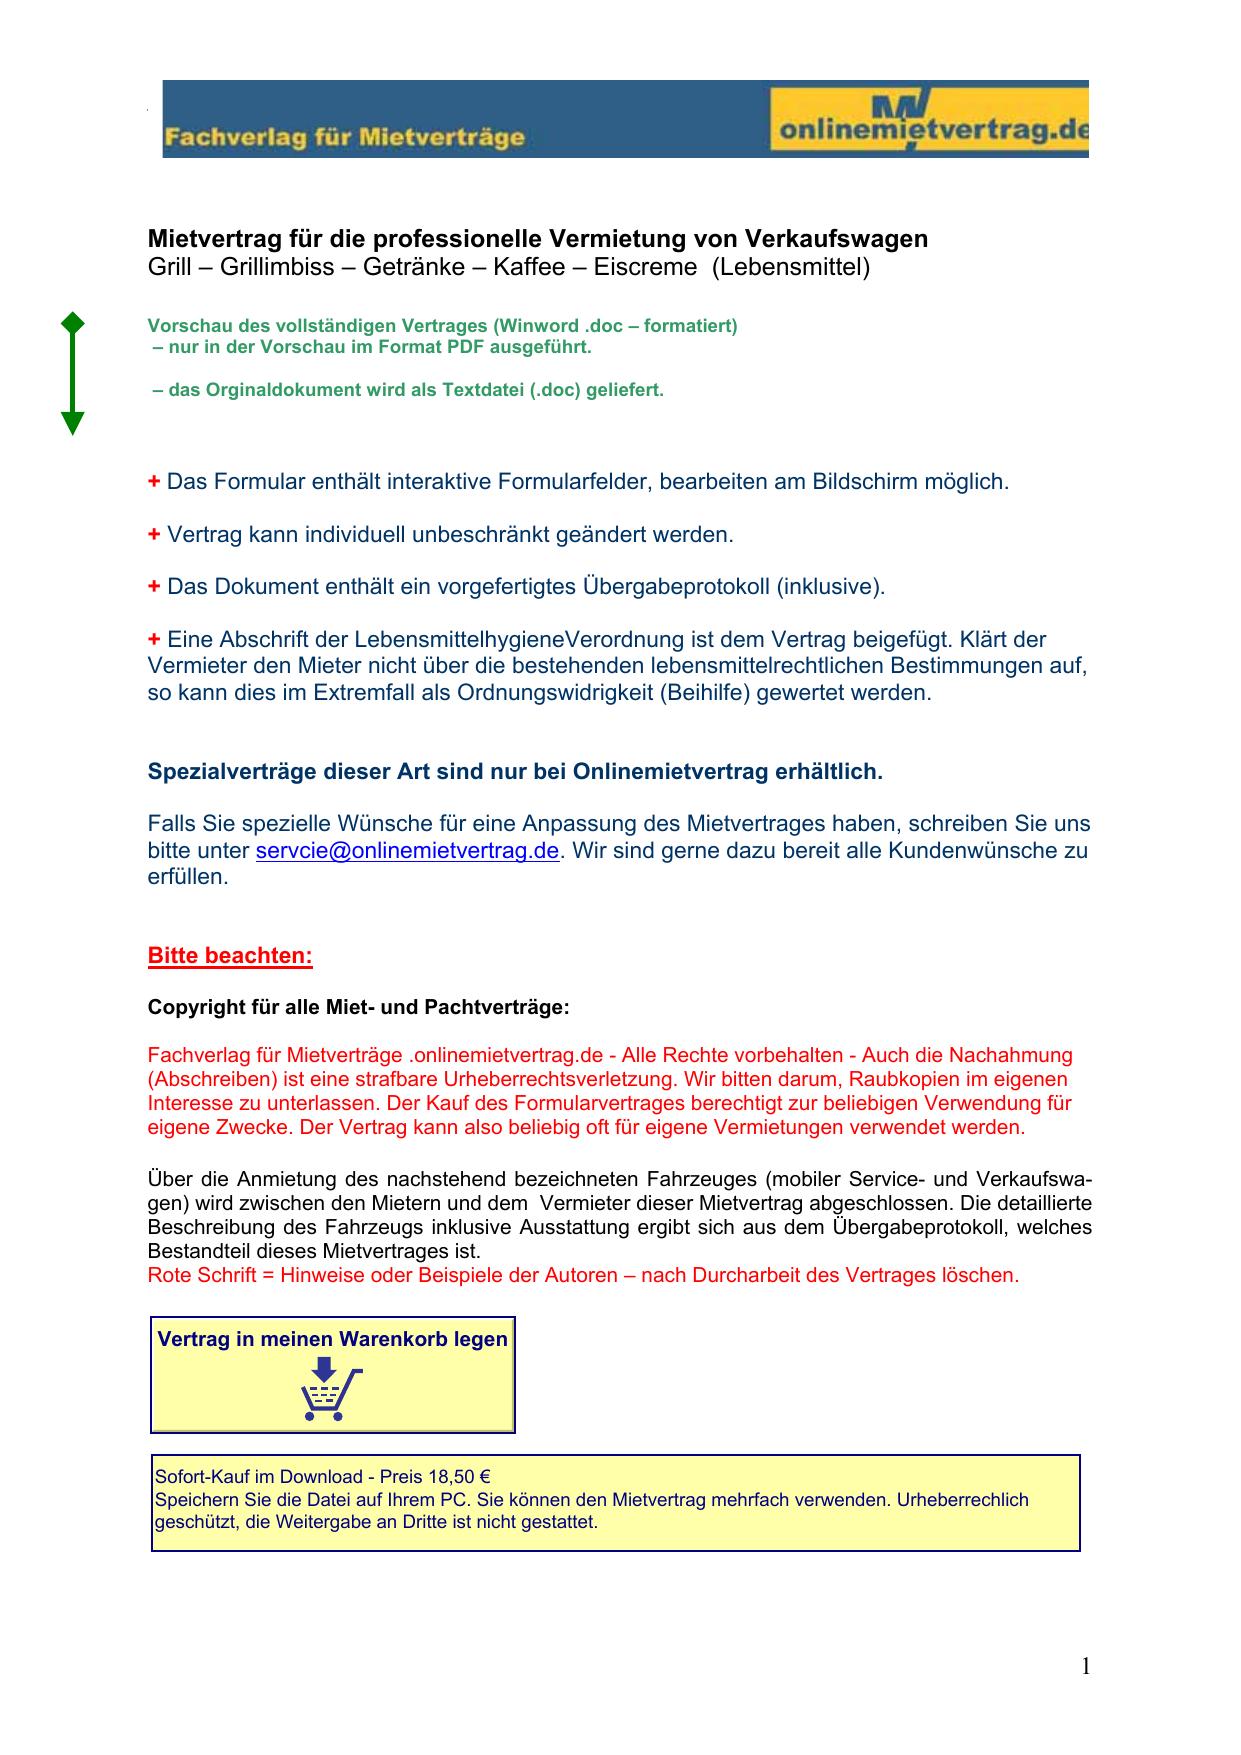 mietvertrag fr die vermietung von verkaufswagen manualzzcom - Ubergabeprotokoll Muster Gegenstande